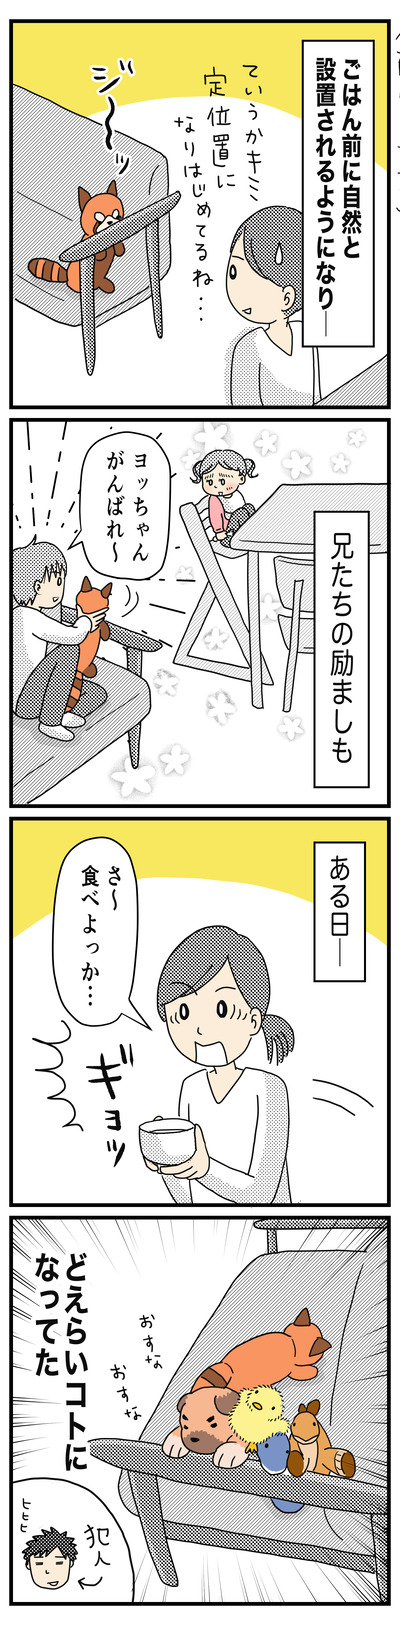 231ヨッちゃん食事中のイライラ2(1才半〜2才)